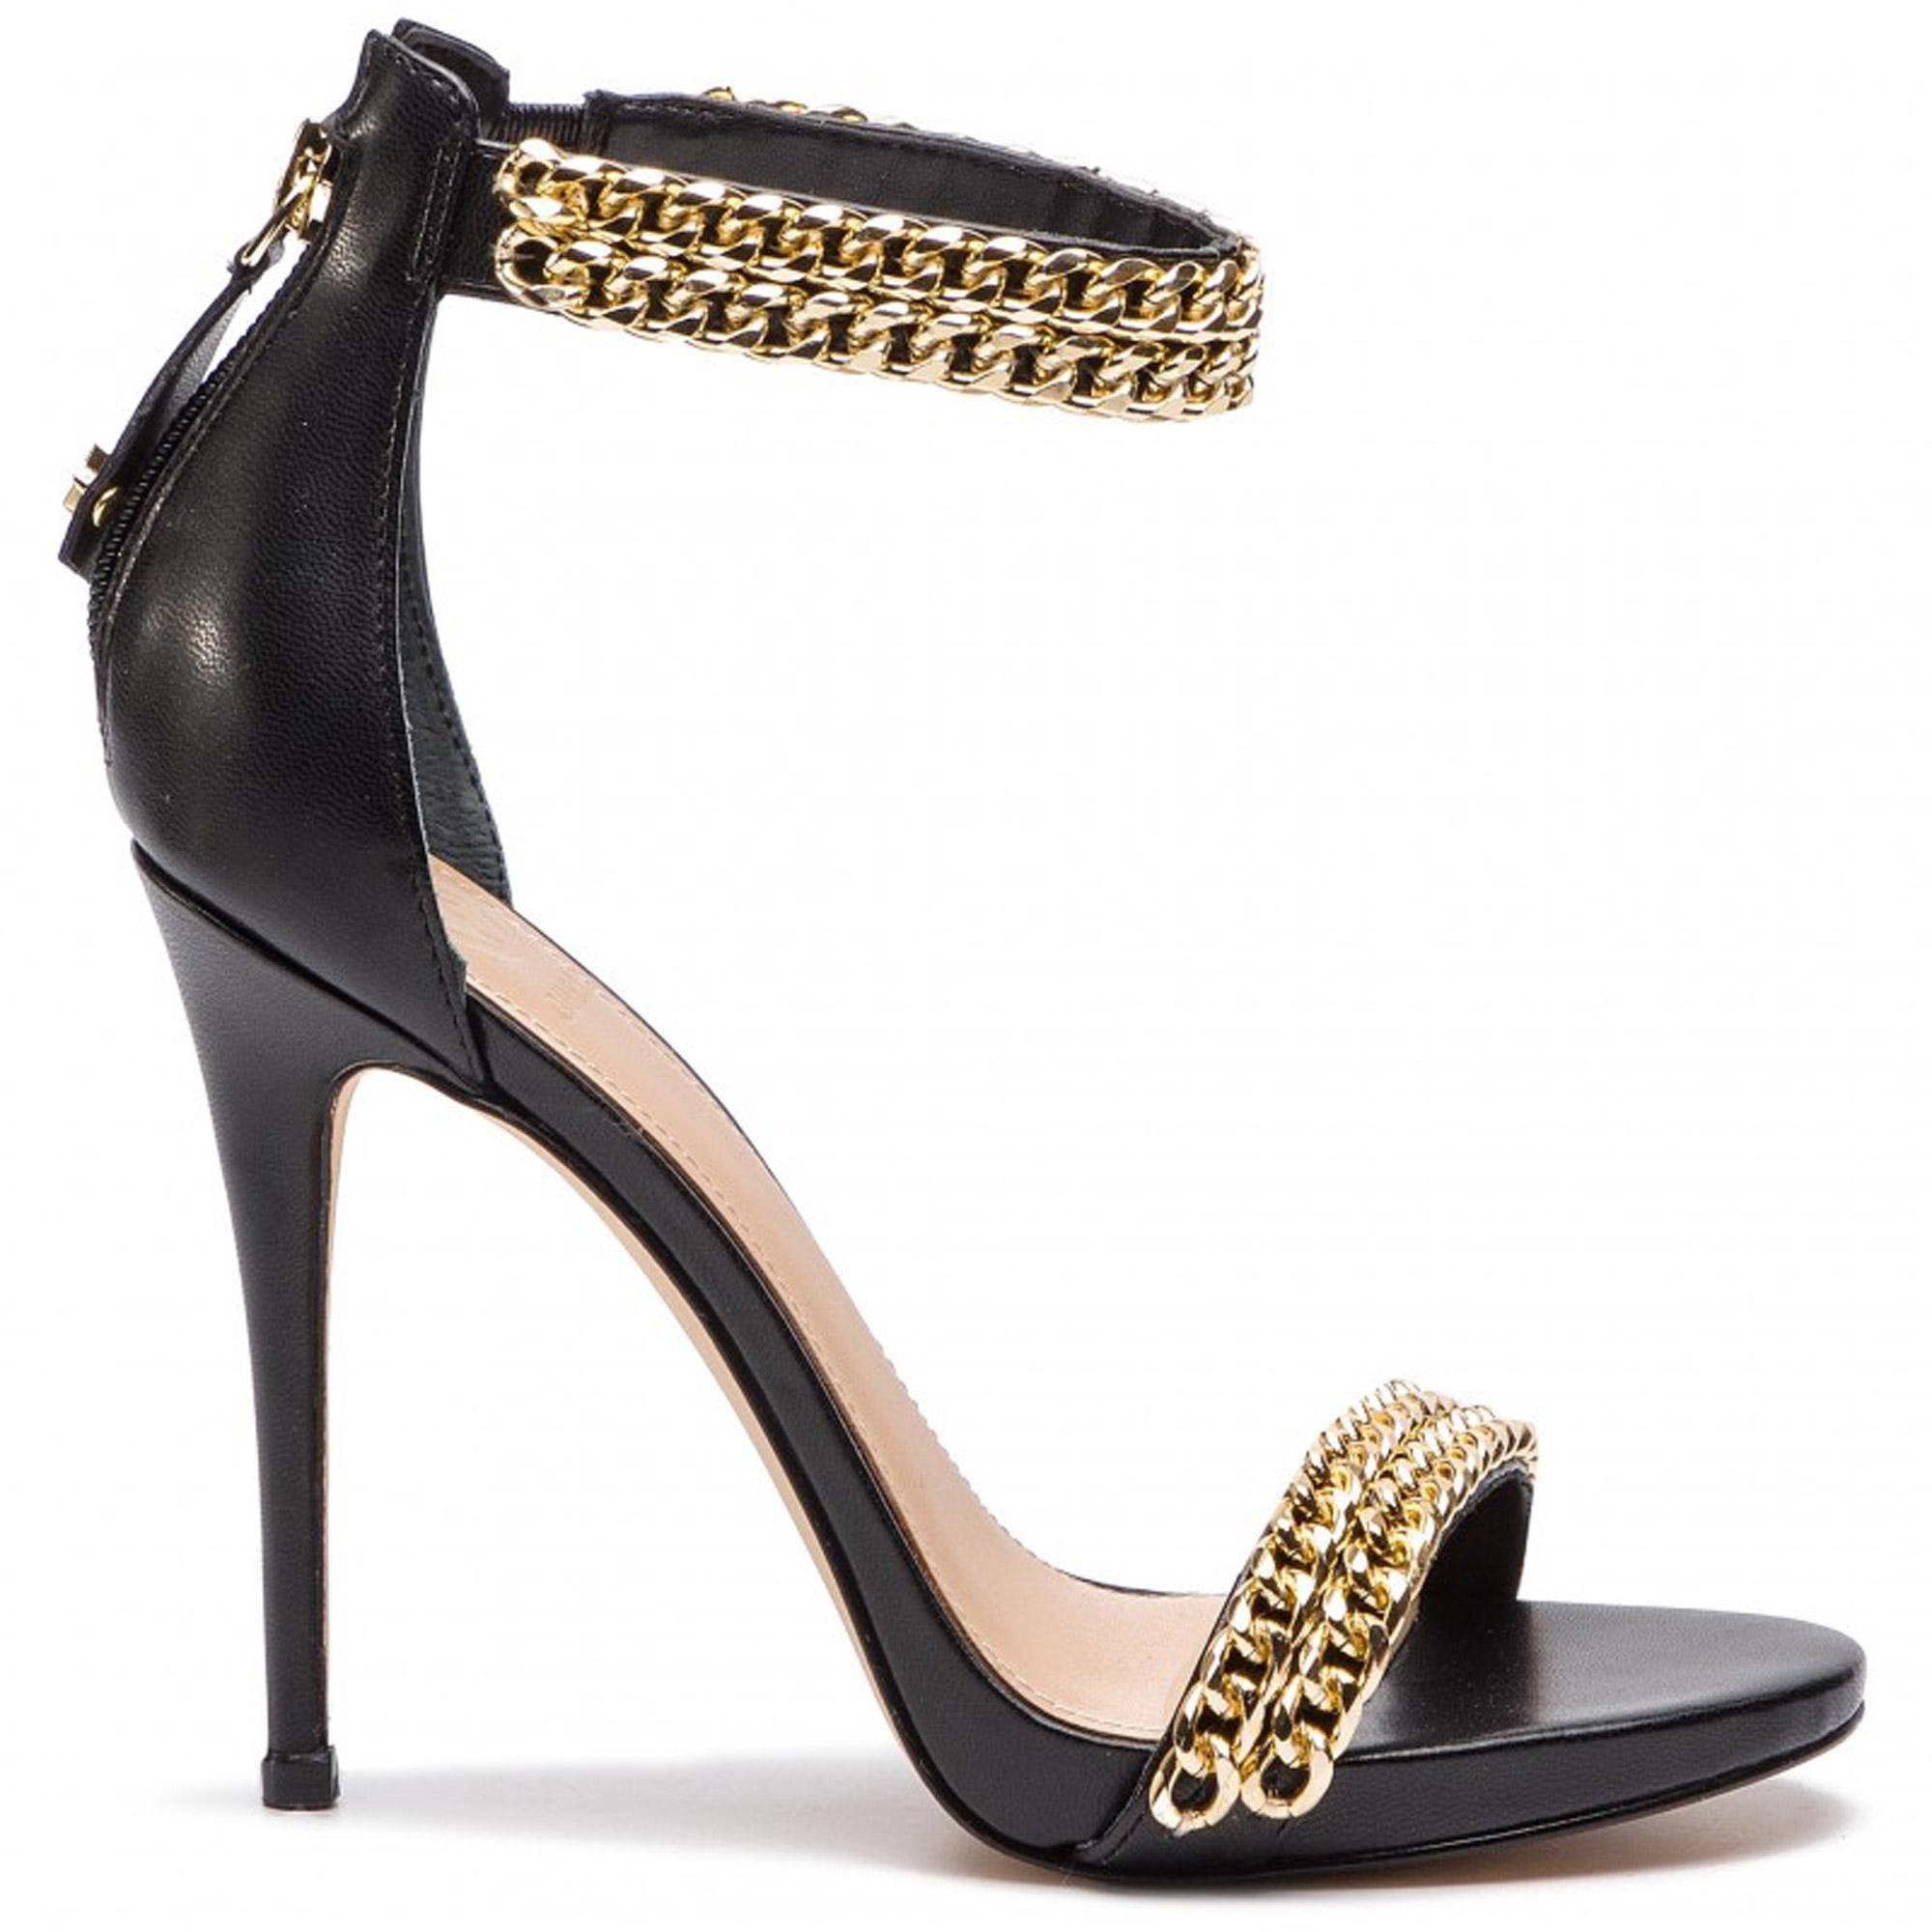 À Bijoux Pour Lea03 FemmesEbay Sandales Guess Fl6td2 Chaussures J1c3FKTl